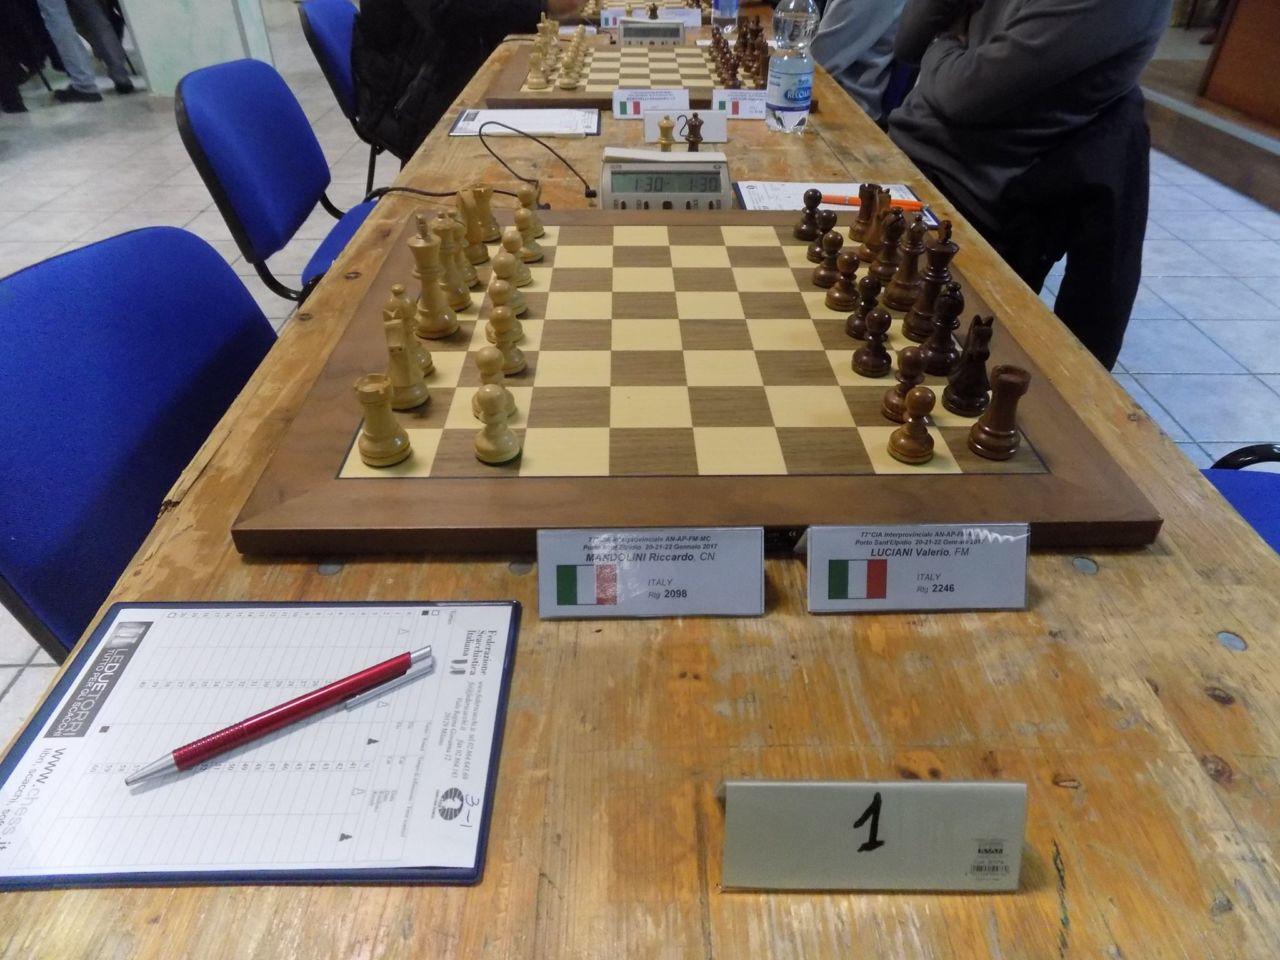 gioco scacchi croce verde porto sant'elpidio